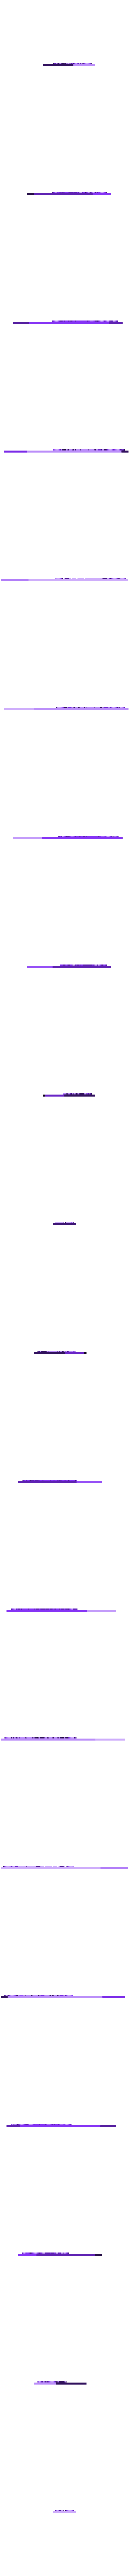 SOMETHING GREEN.stl Télécharger fichier STL gratuit Étiquettes de noms de plantes • Plan imprimable en 3D, Jdog